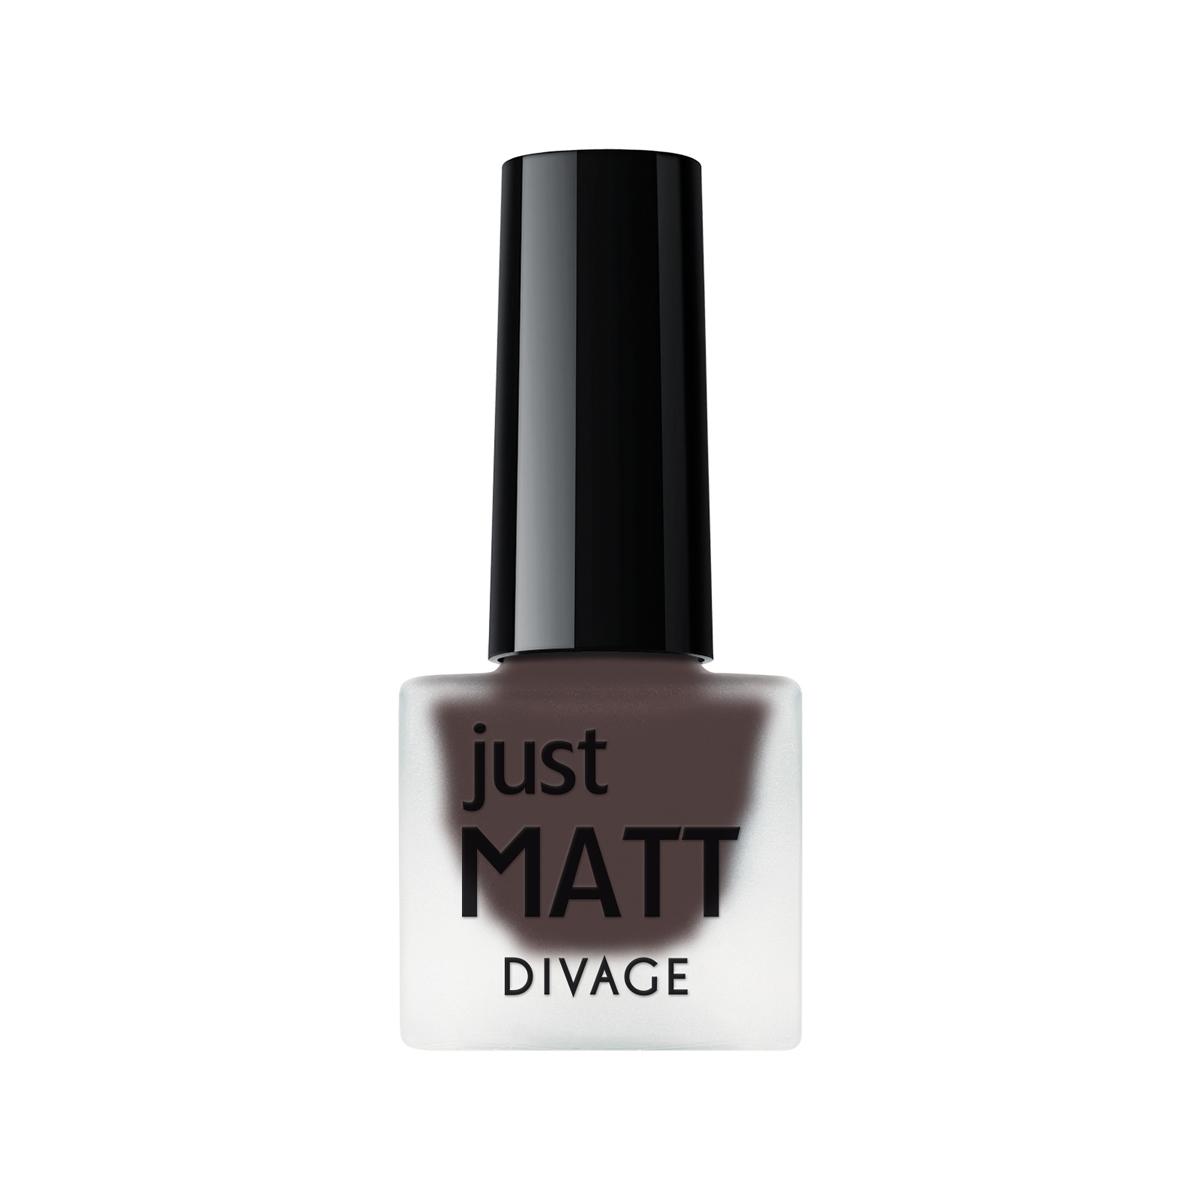 DIVAGE Лак для ногтей JUST MATT, тон № 5602, 7 мл215519Лак для ногтей Divage Just Matt с матовым эффектом имеет легкую бархатистую текстуру (Soft Touch) и удобный мини формат упаковки. Наносится идеально ровно, визуально сглаживая неровности ногтевой пластины.